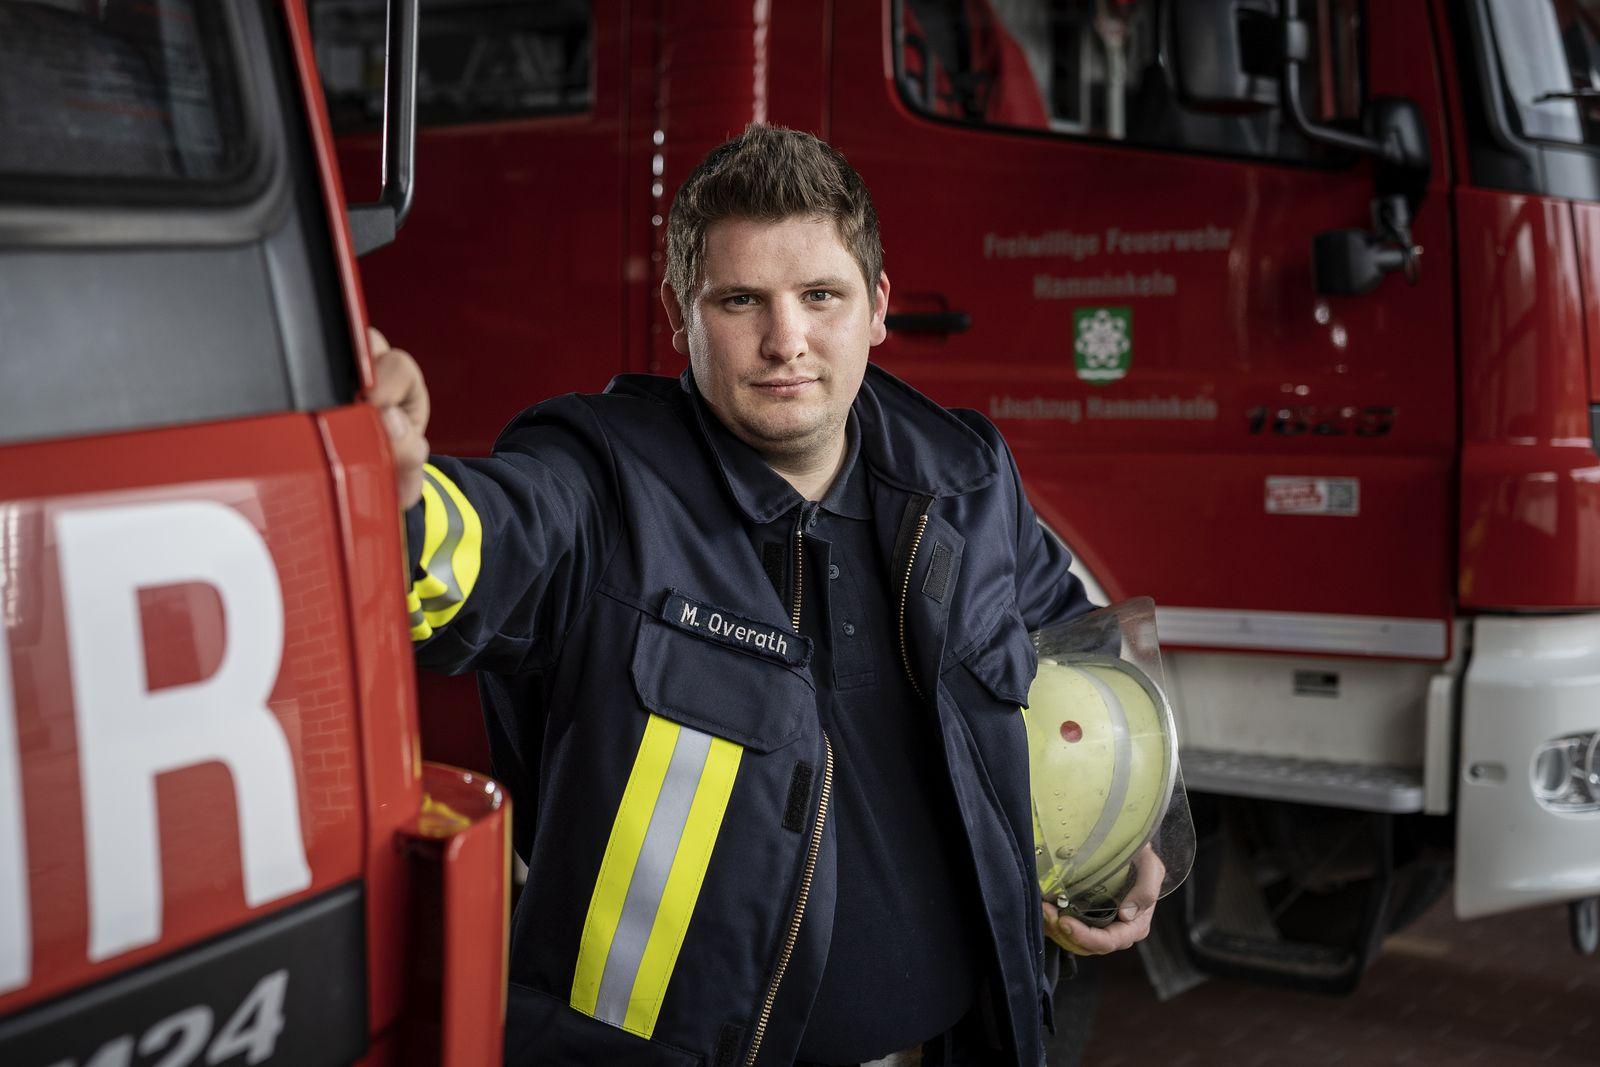 Feuerwehrmann Martin Overath